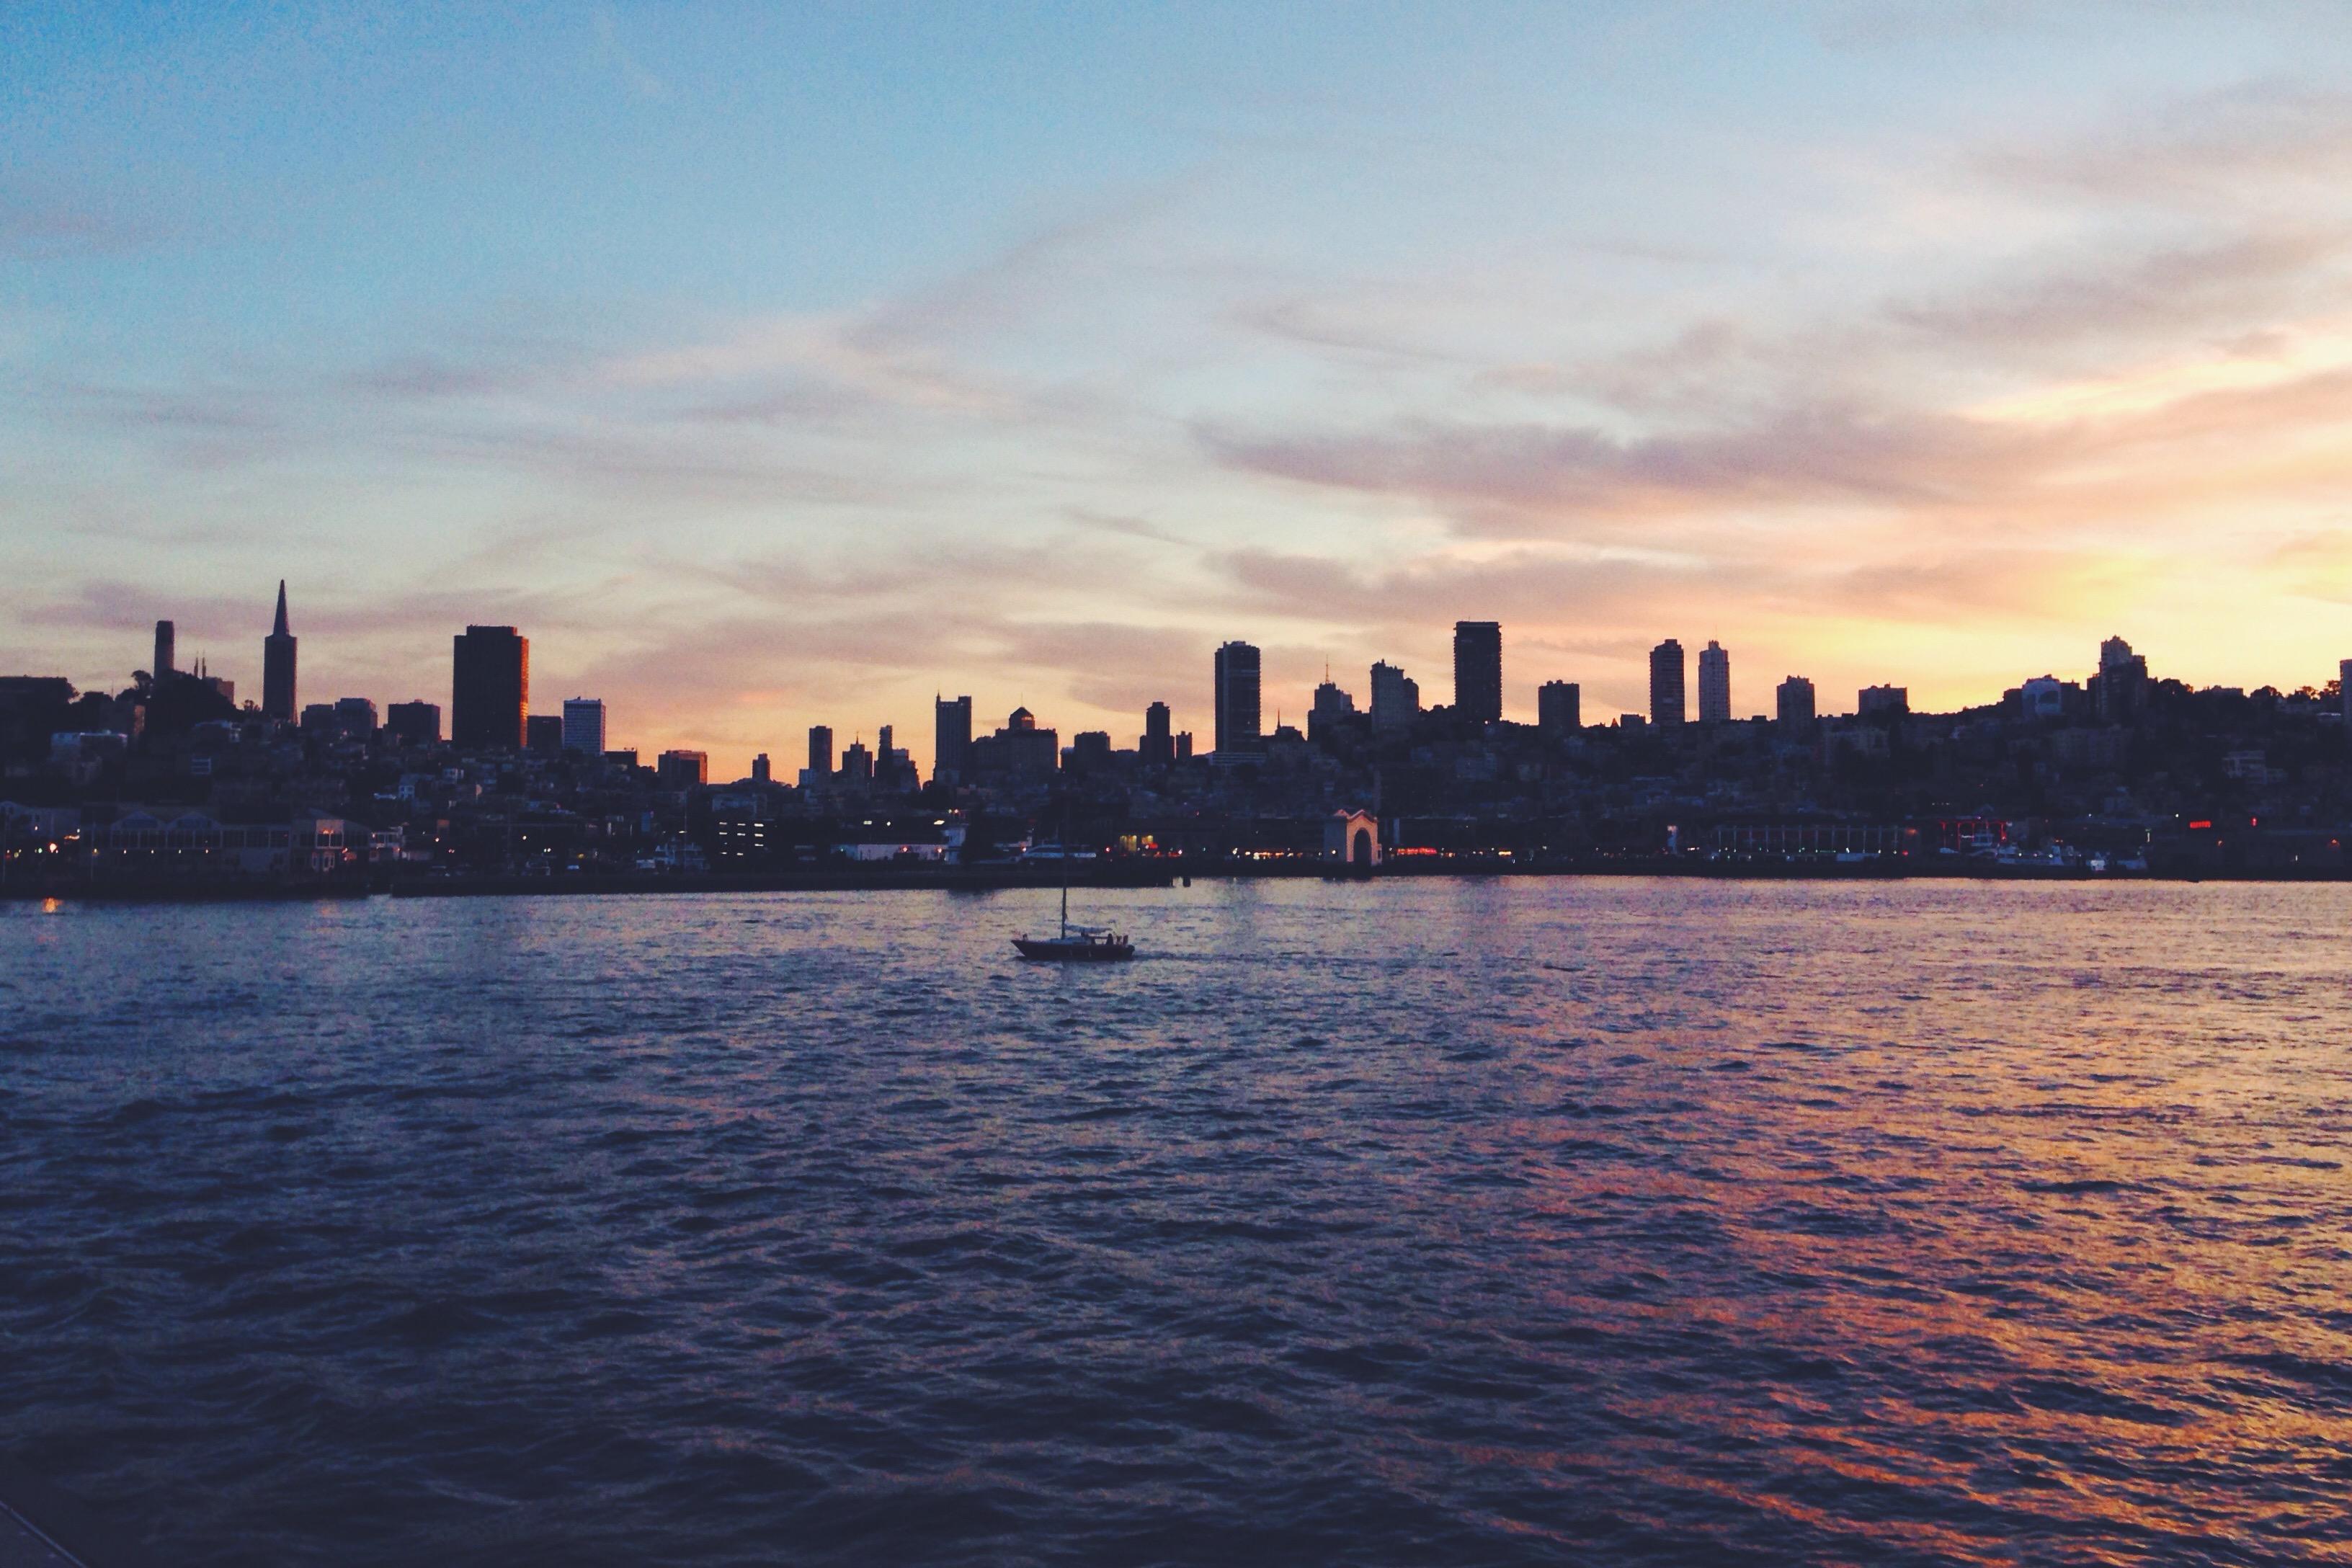 Consigli pratici per organizzare un viaggio a San Francisco (e in generale in California)